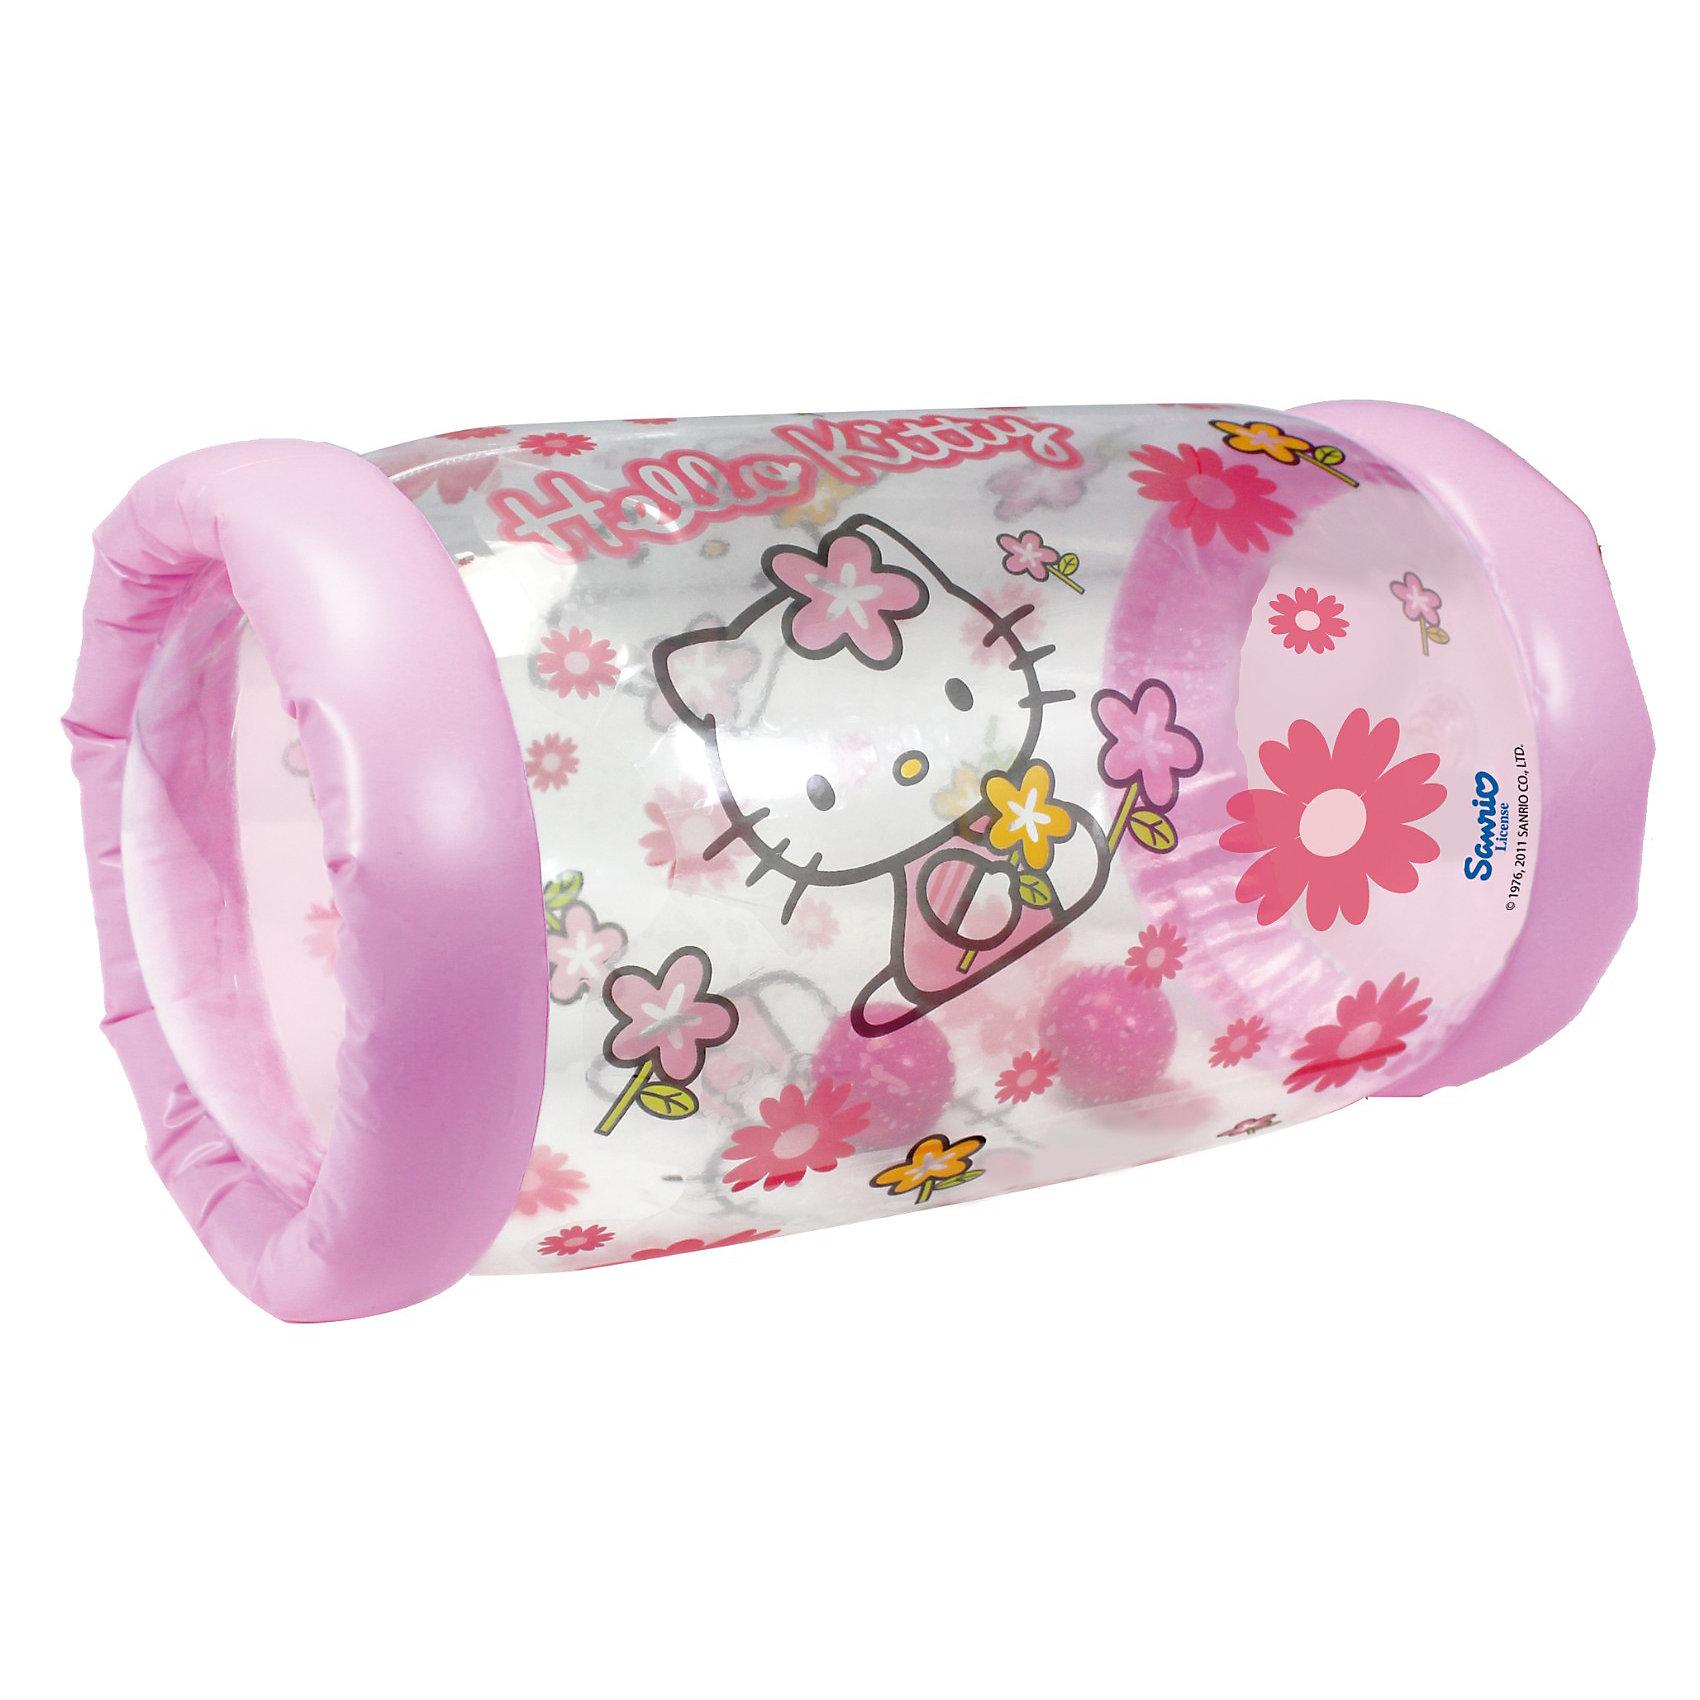 цены Simba Hello Kitty Надувной цилиндр с 2-я шариками внутри, 42х23 см.